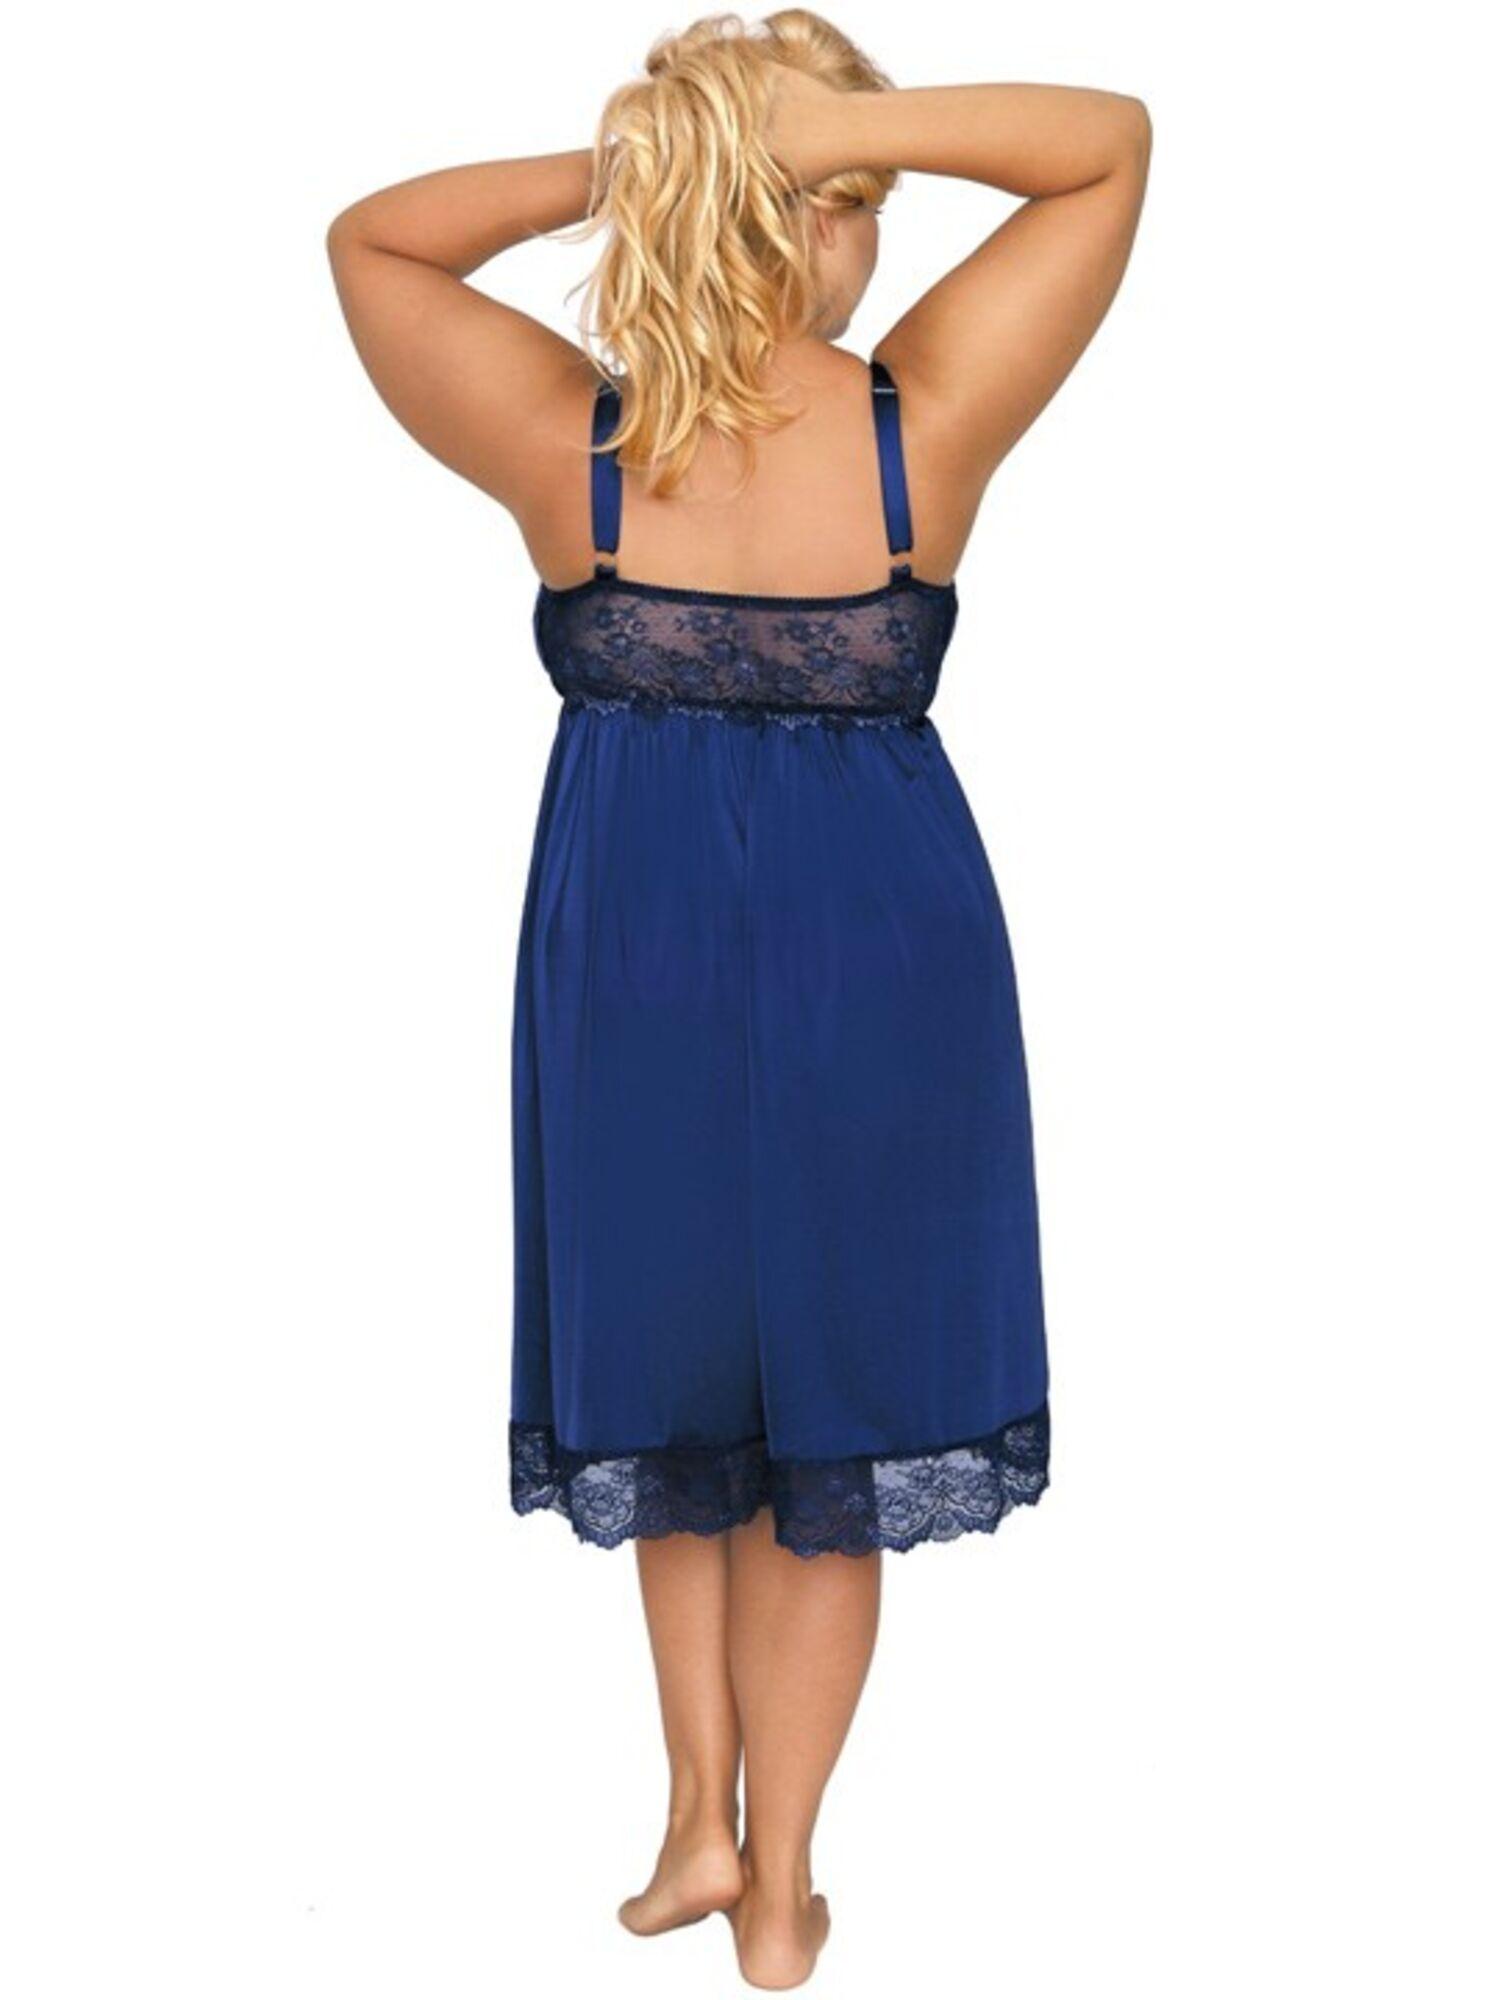 Сорочка женская из микрофибры AK_501, синий, AKCENT